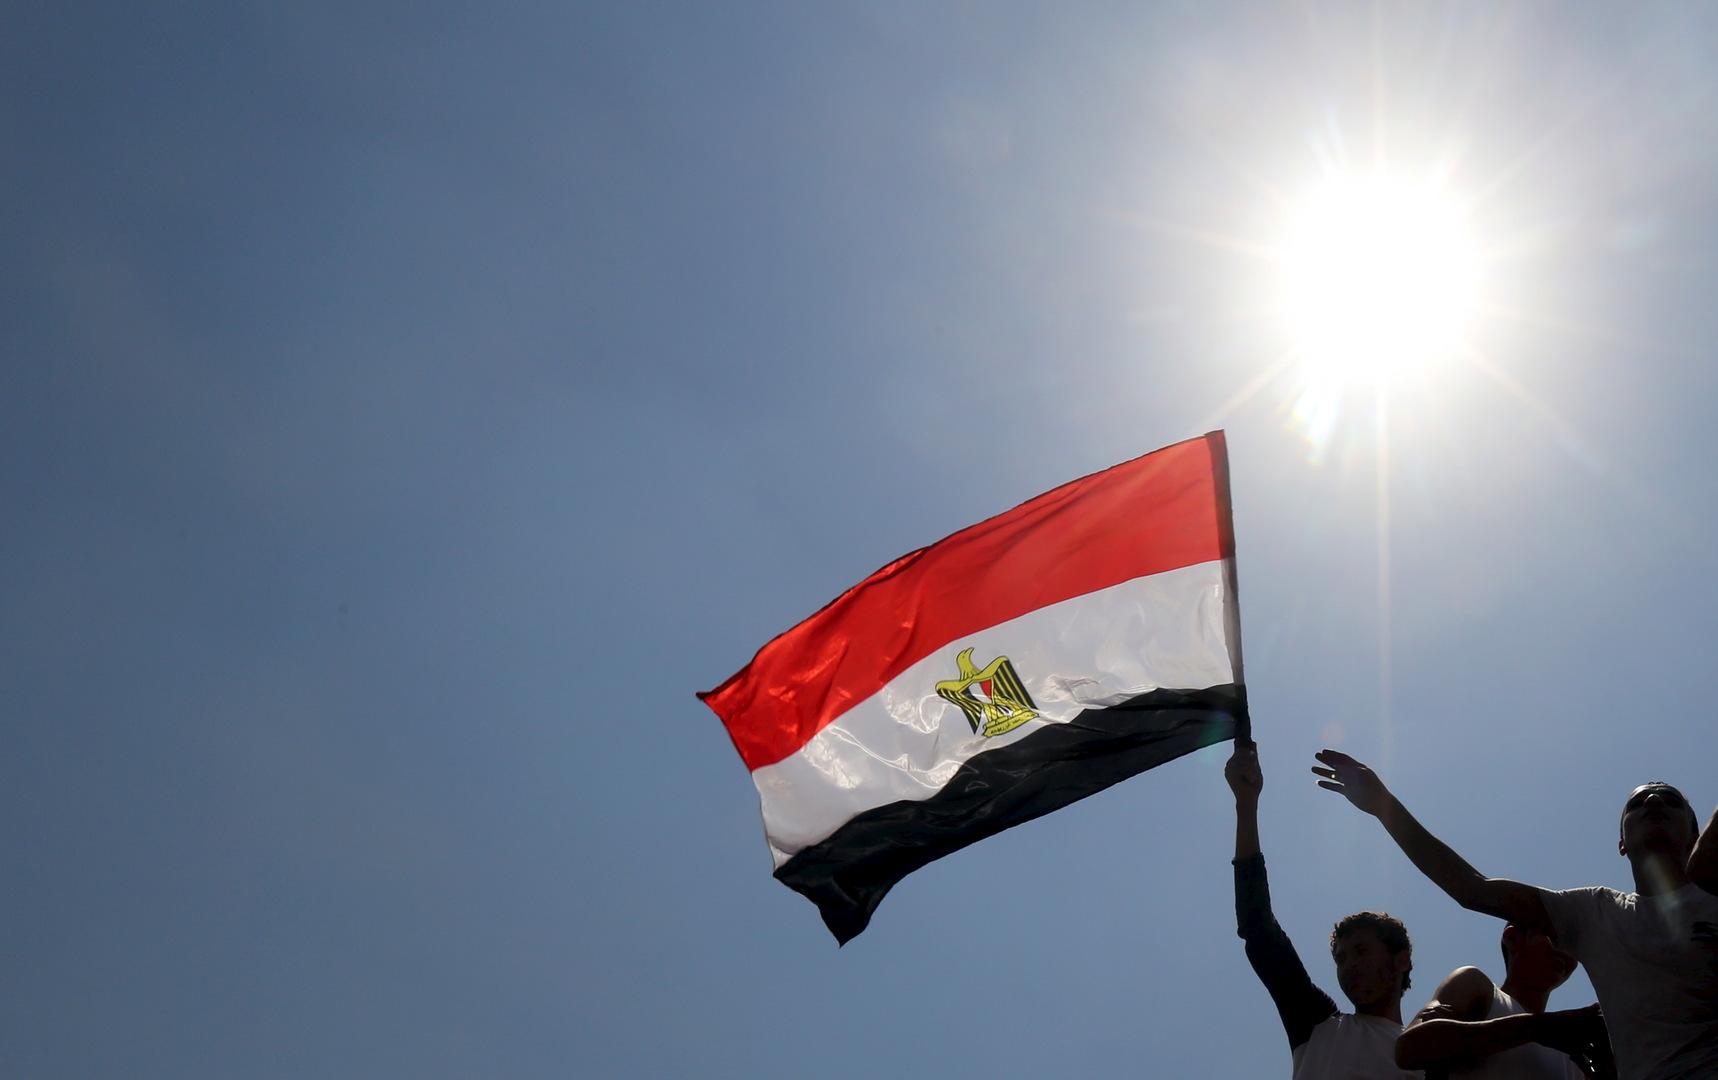 إعلامي مصري يعلن إصابته بفيروس خطير ويقول: